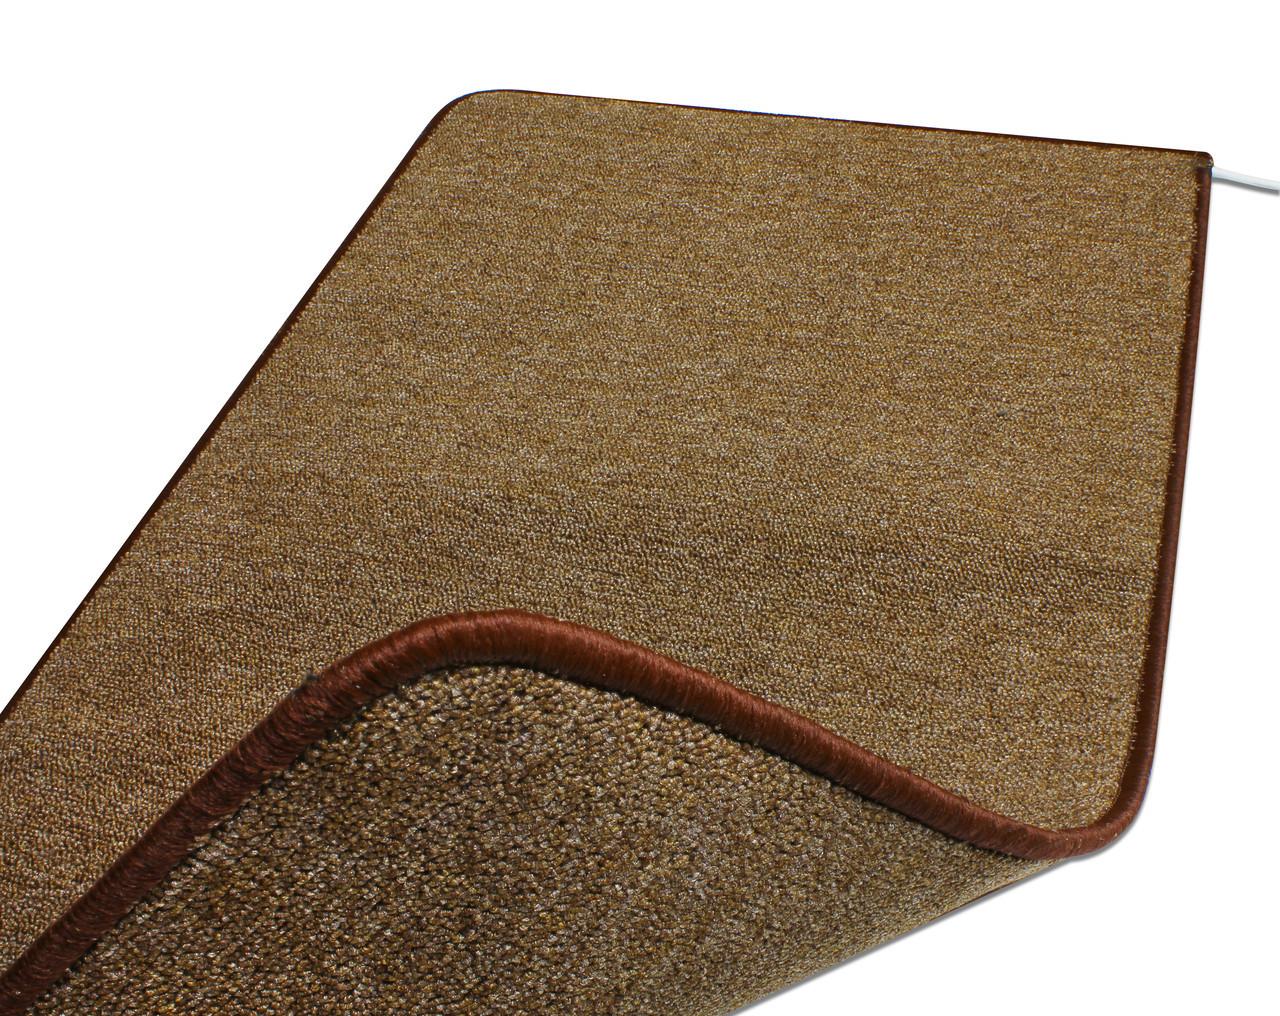 Теплый ковер 53 x 103 cм, коричневый, инфракрасного излучения